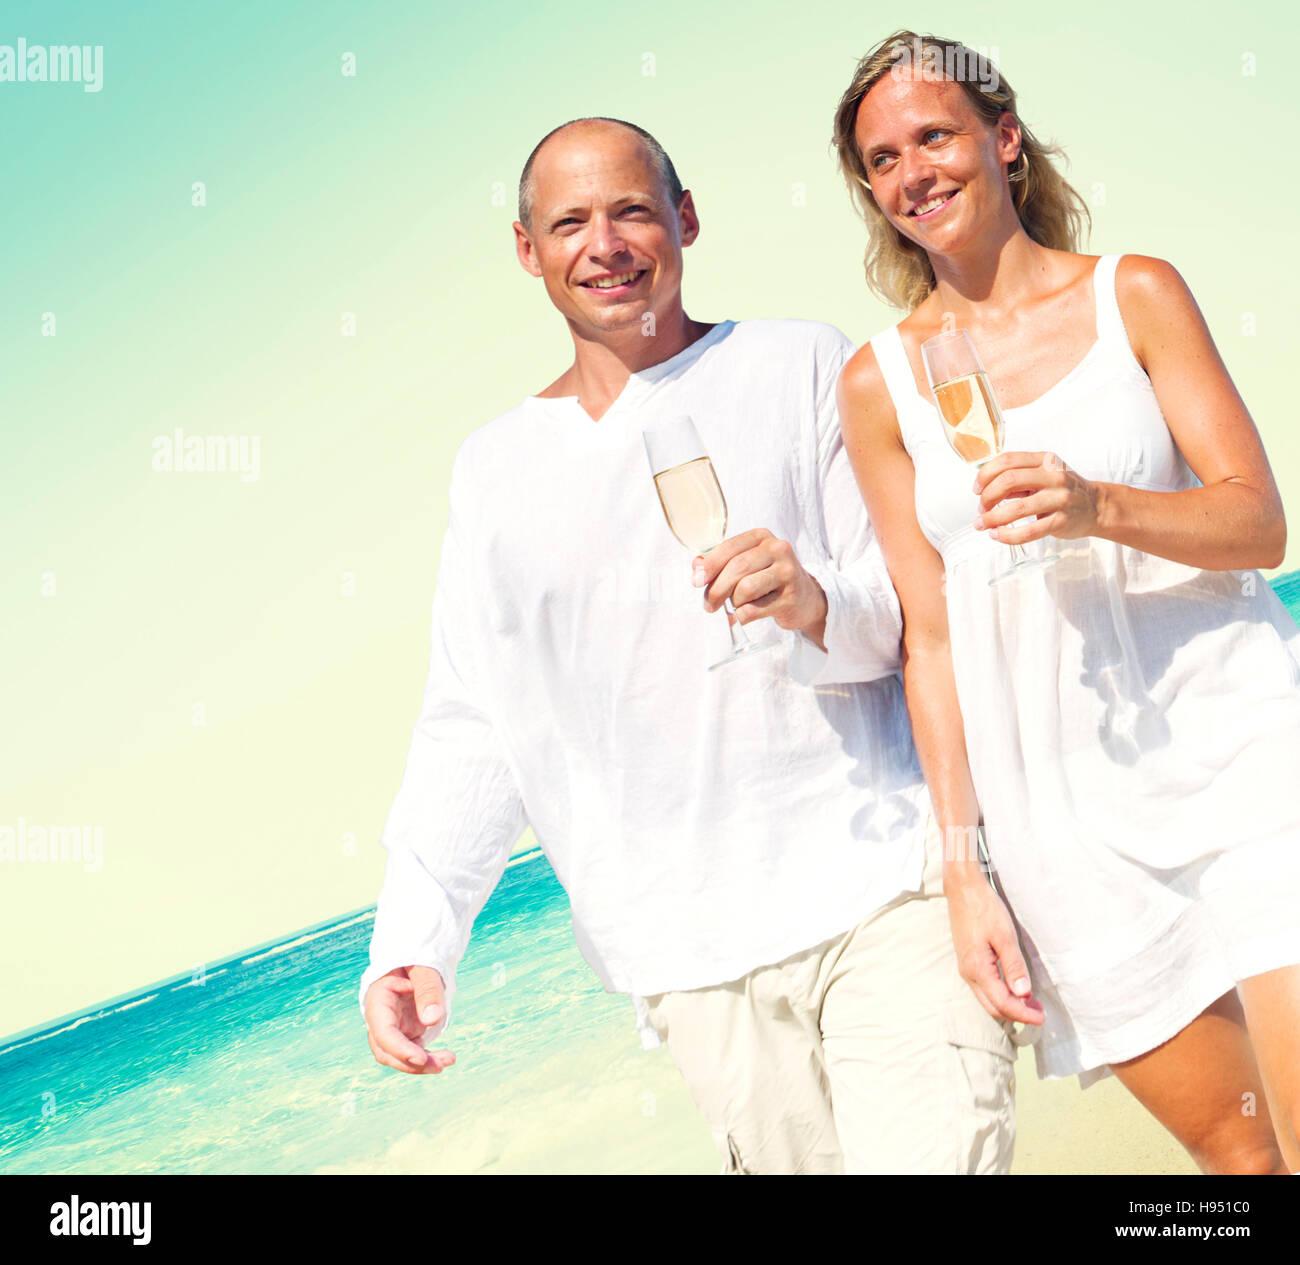 Ofm online dating